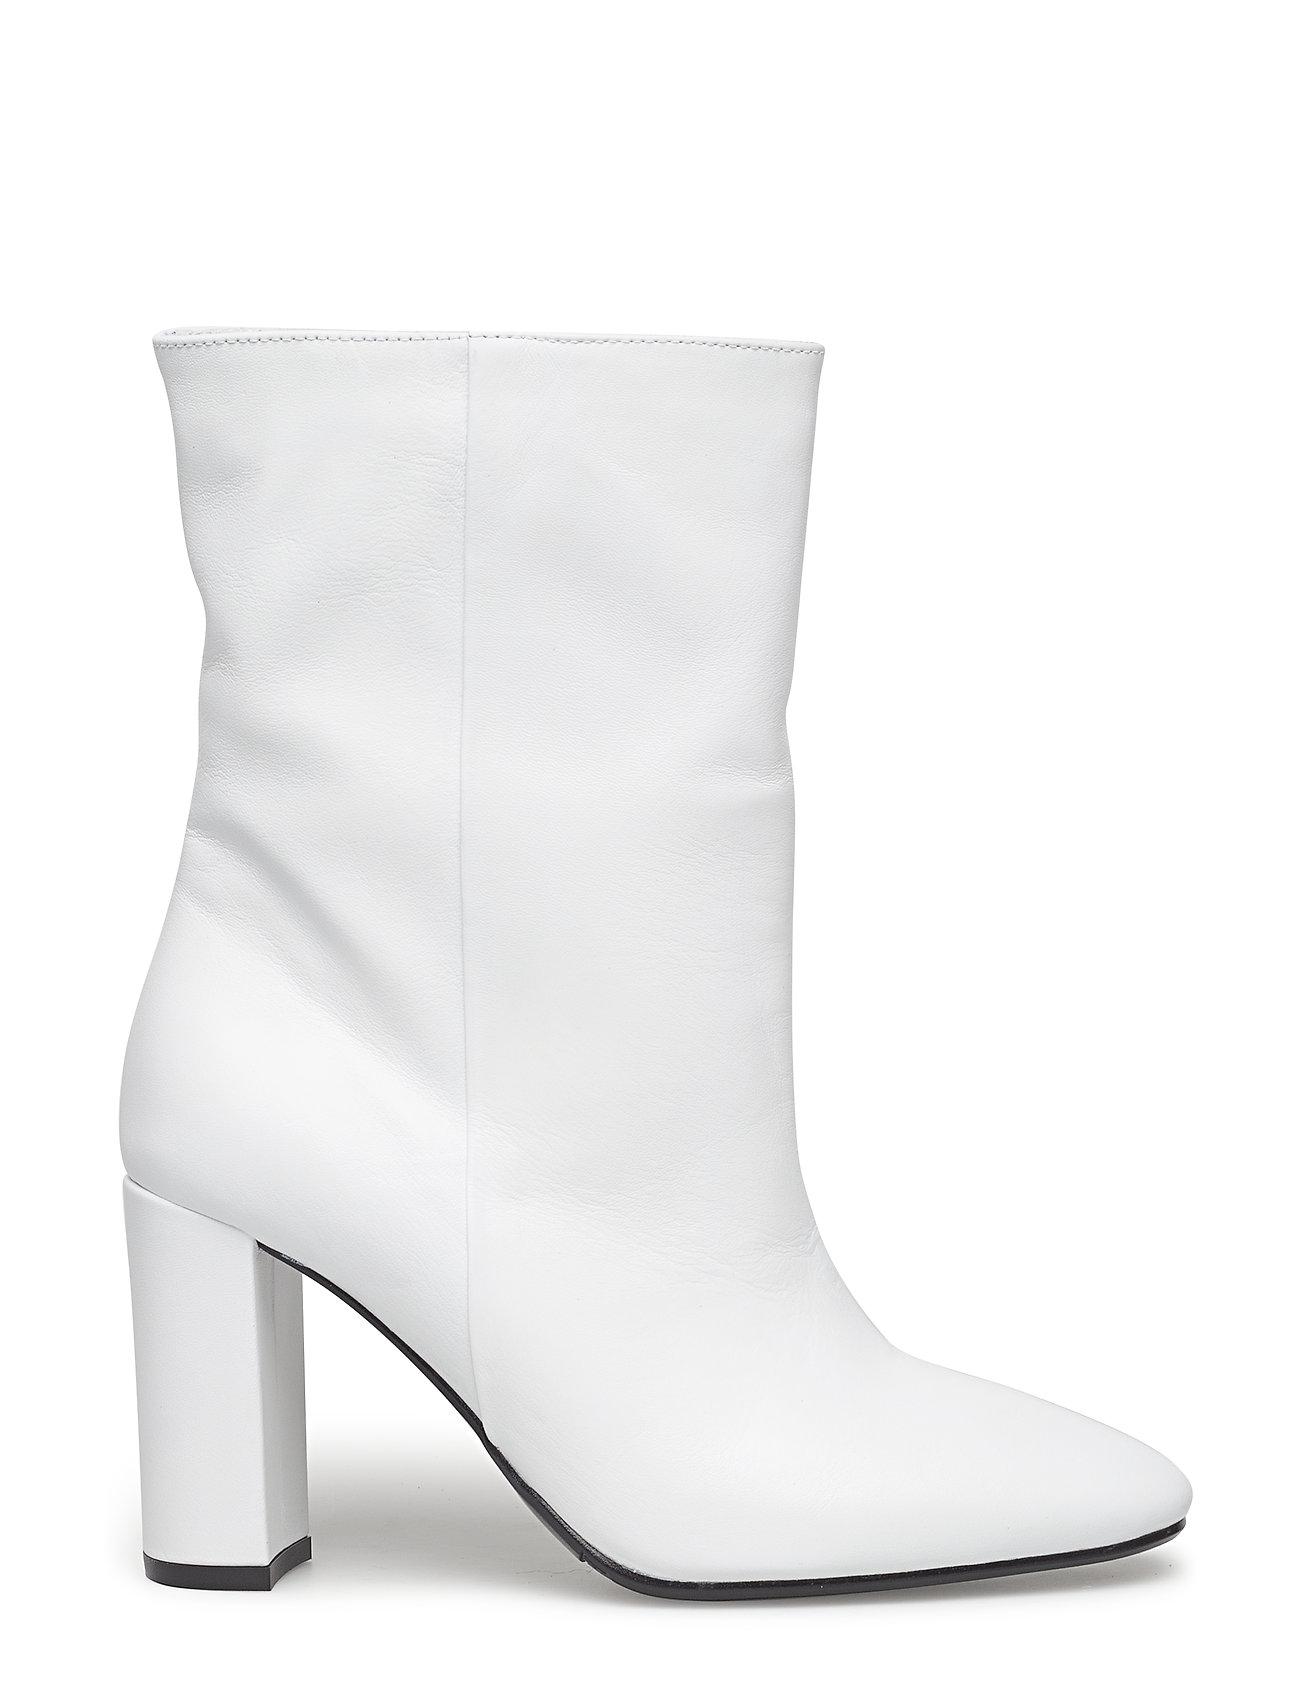 001bd2905f2 Billi Bi lange støvler – Boots til dame i BLACK NAPPA 70 - Pashion.dk